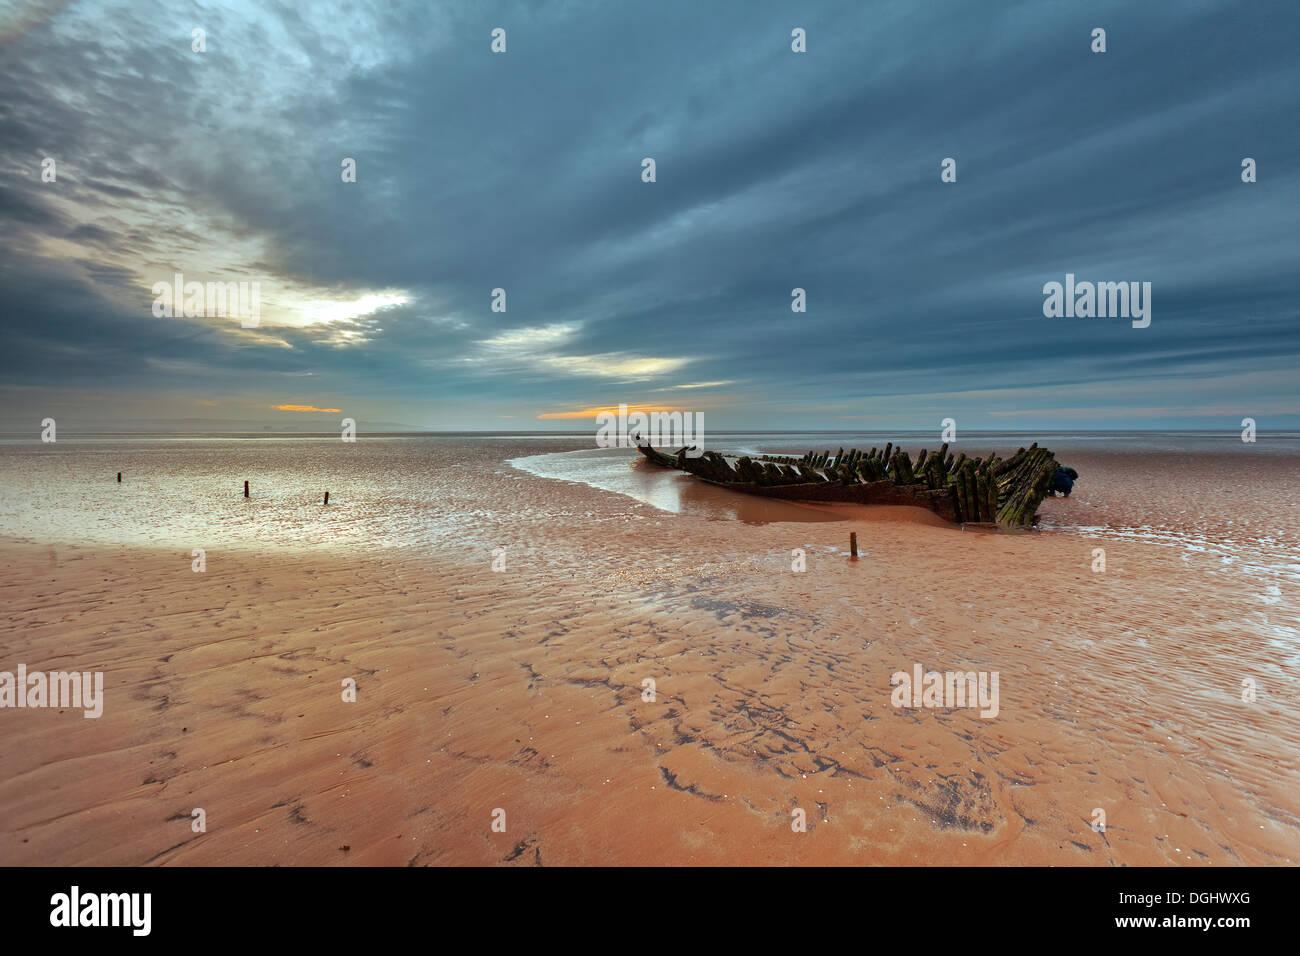 Viste di un naufragio sulla spiaggia berrow. Immagini Stock